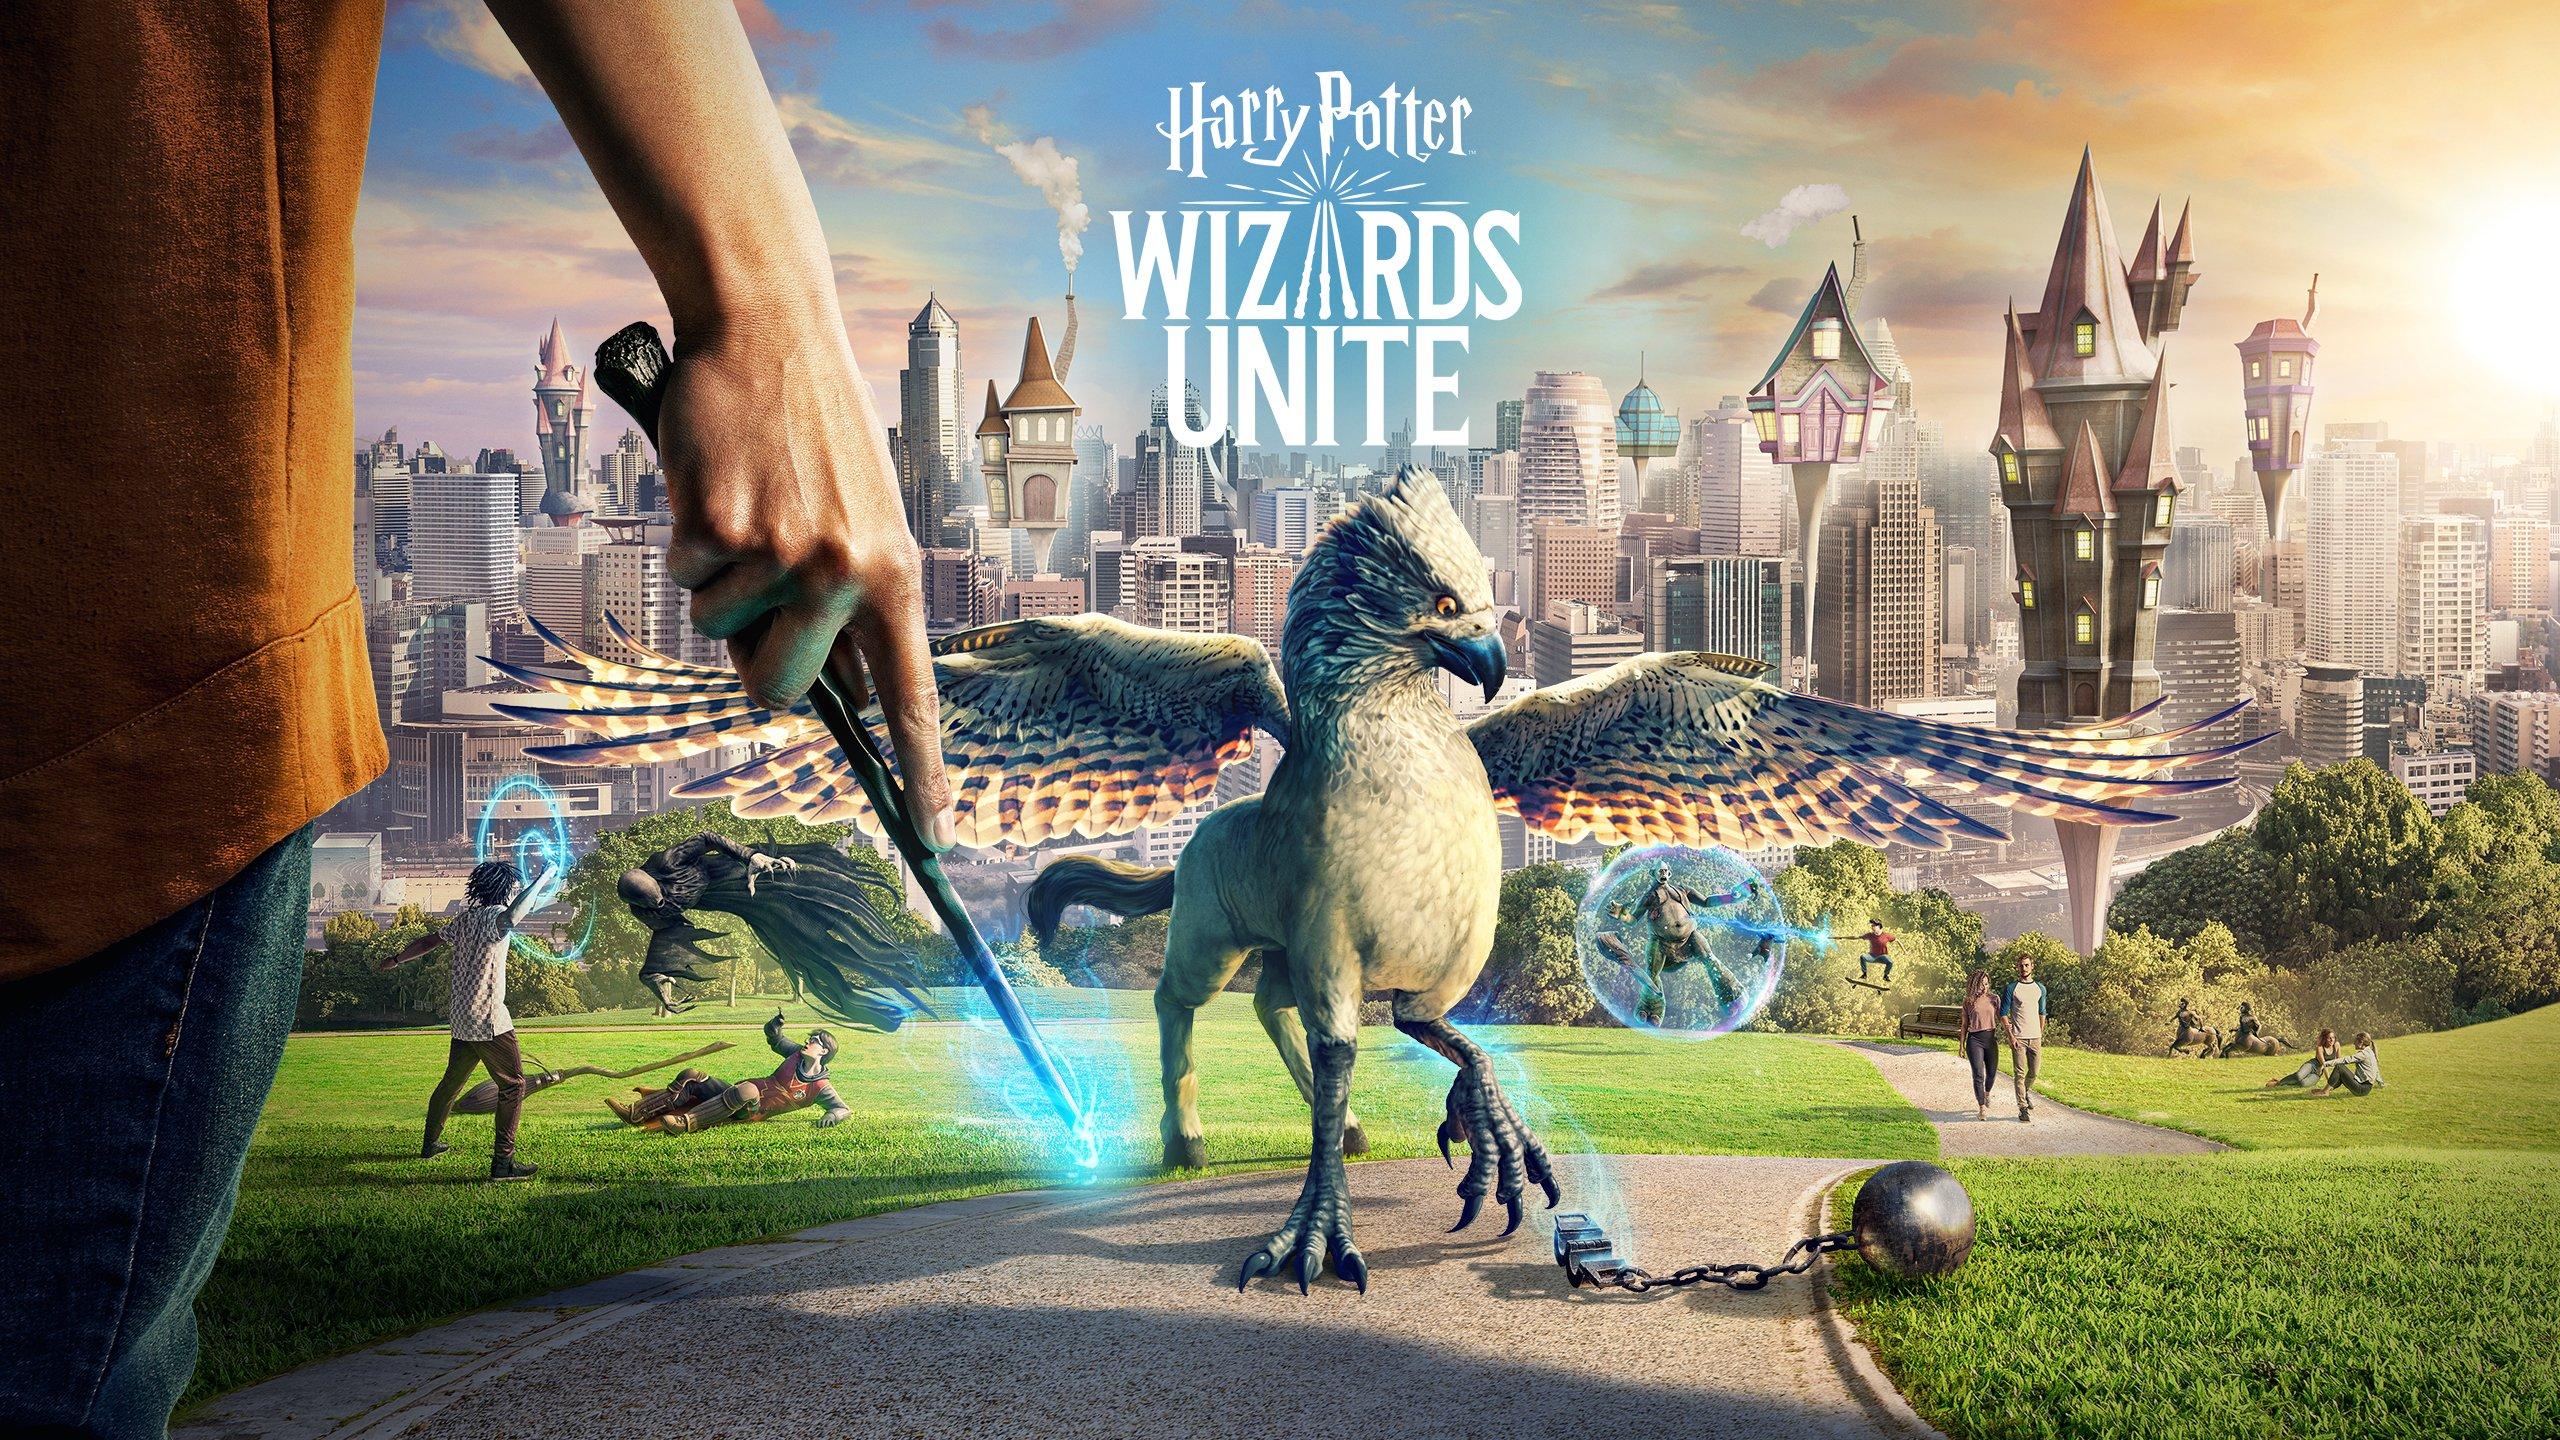 Harry Potter: Wizards Unite Oyununda 'Gay' Kelimesini Kullanmak Yasak!